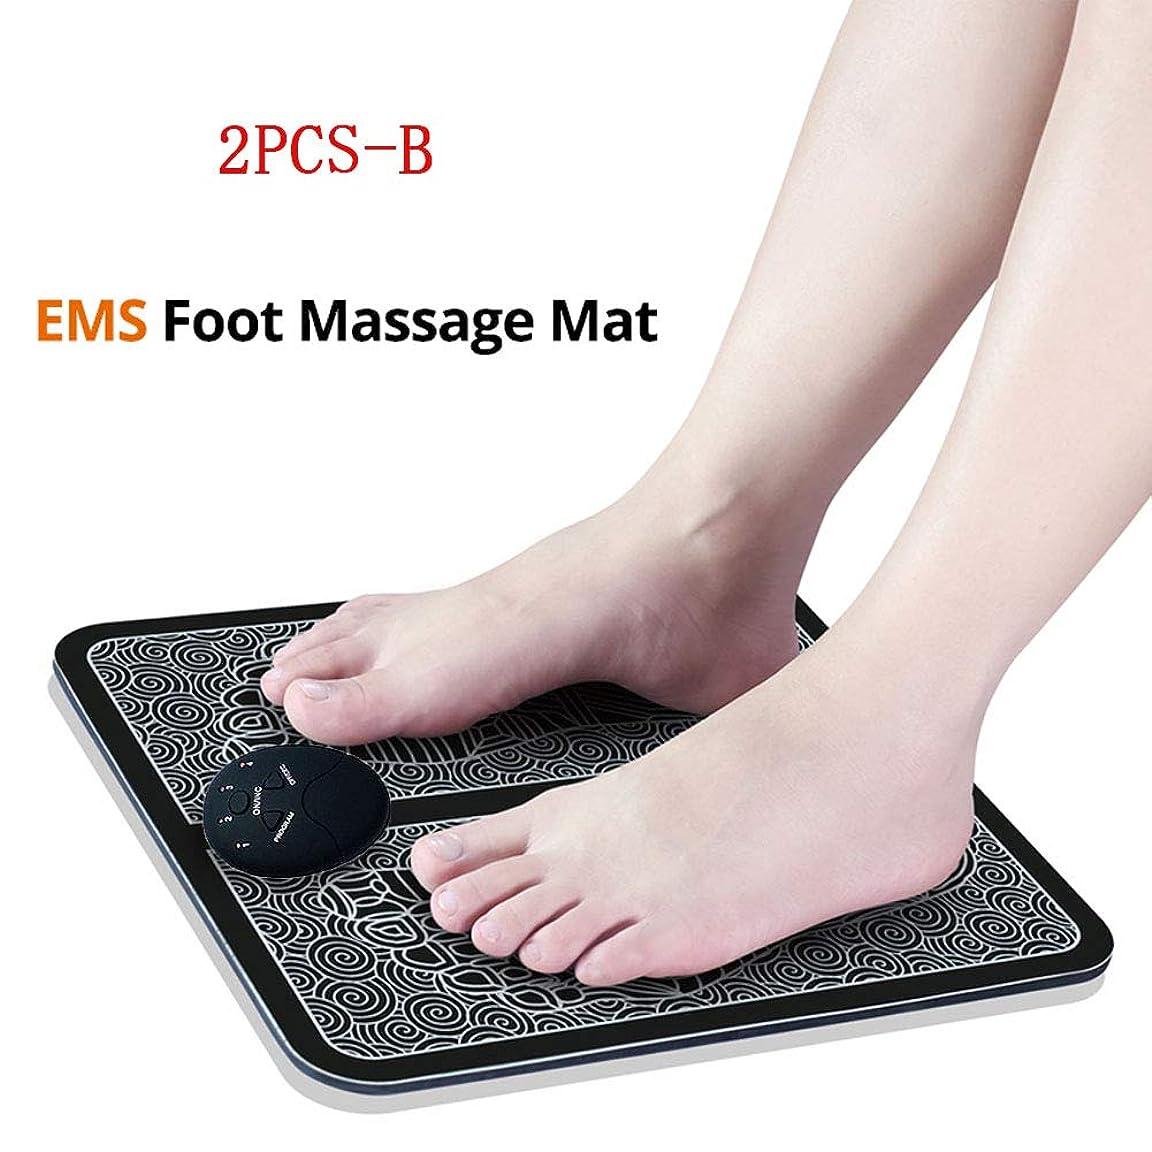 EMSスマートフットマッサージパッド、フットマッサージャー、足指圧療法、血液循環の促進、筋肉痛の緩和、男性と女性用、2個,B